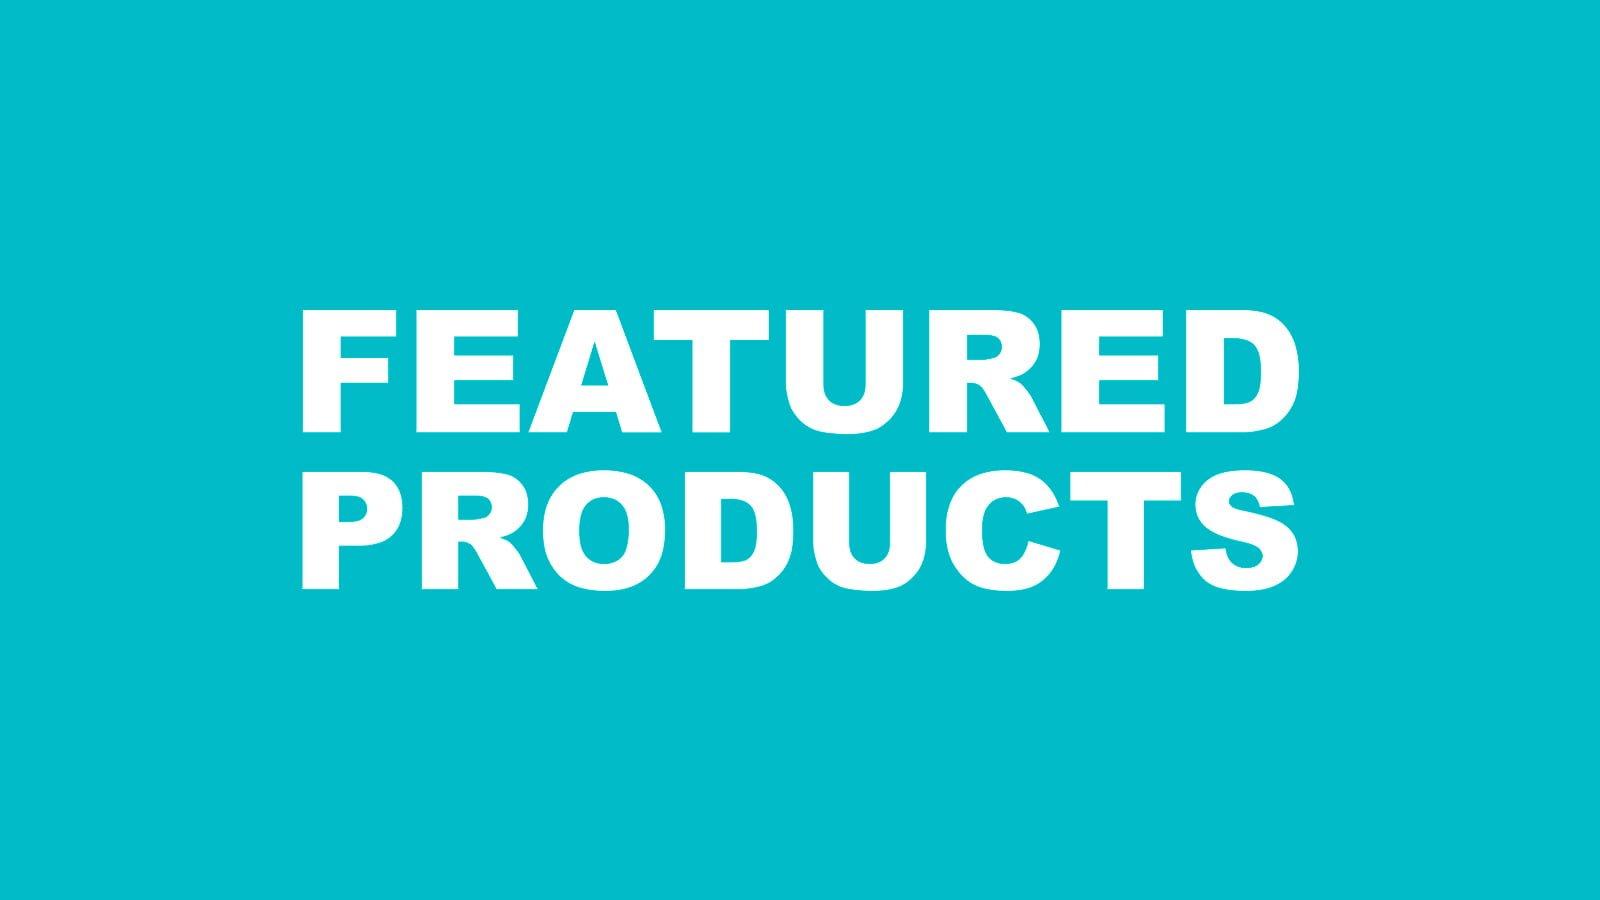 Hiển thị sản phẩm nổi bật trong WooCommerce trên themes